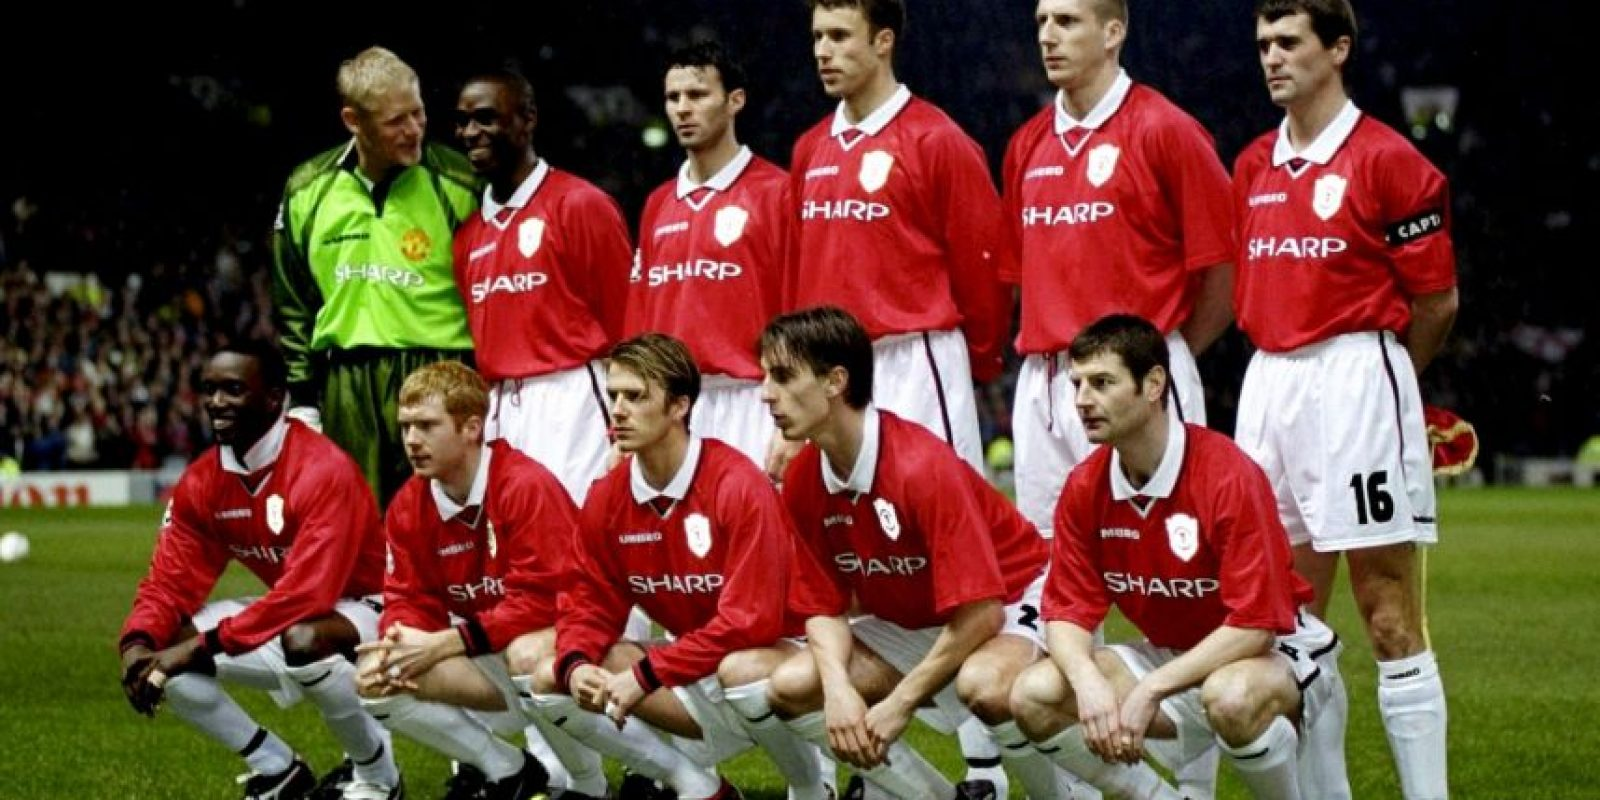 Alex Ferguson era el líder de aquél equipo donde militaban hombres como David Beckham, Ryan Giggs y Paul Scholes. Foto:Getty Images